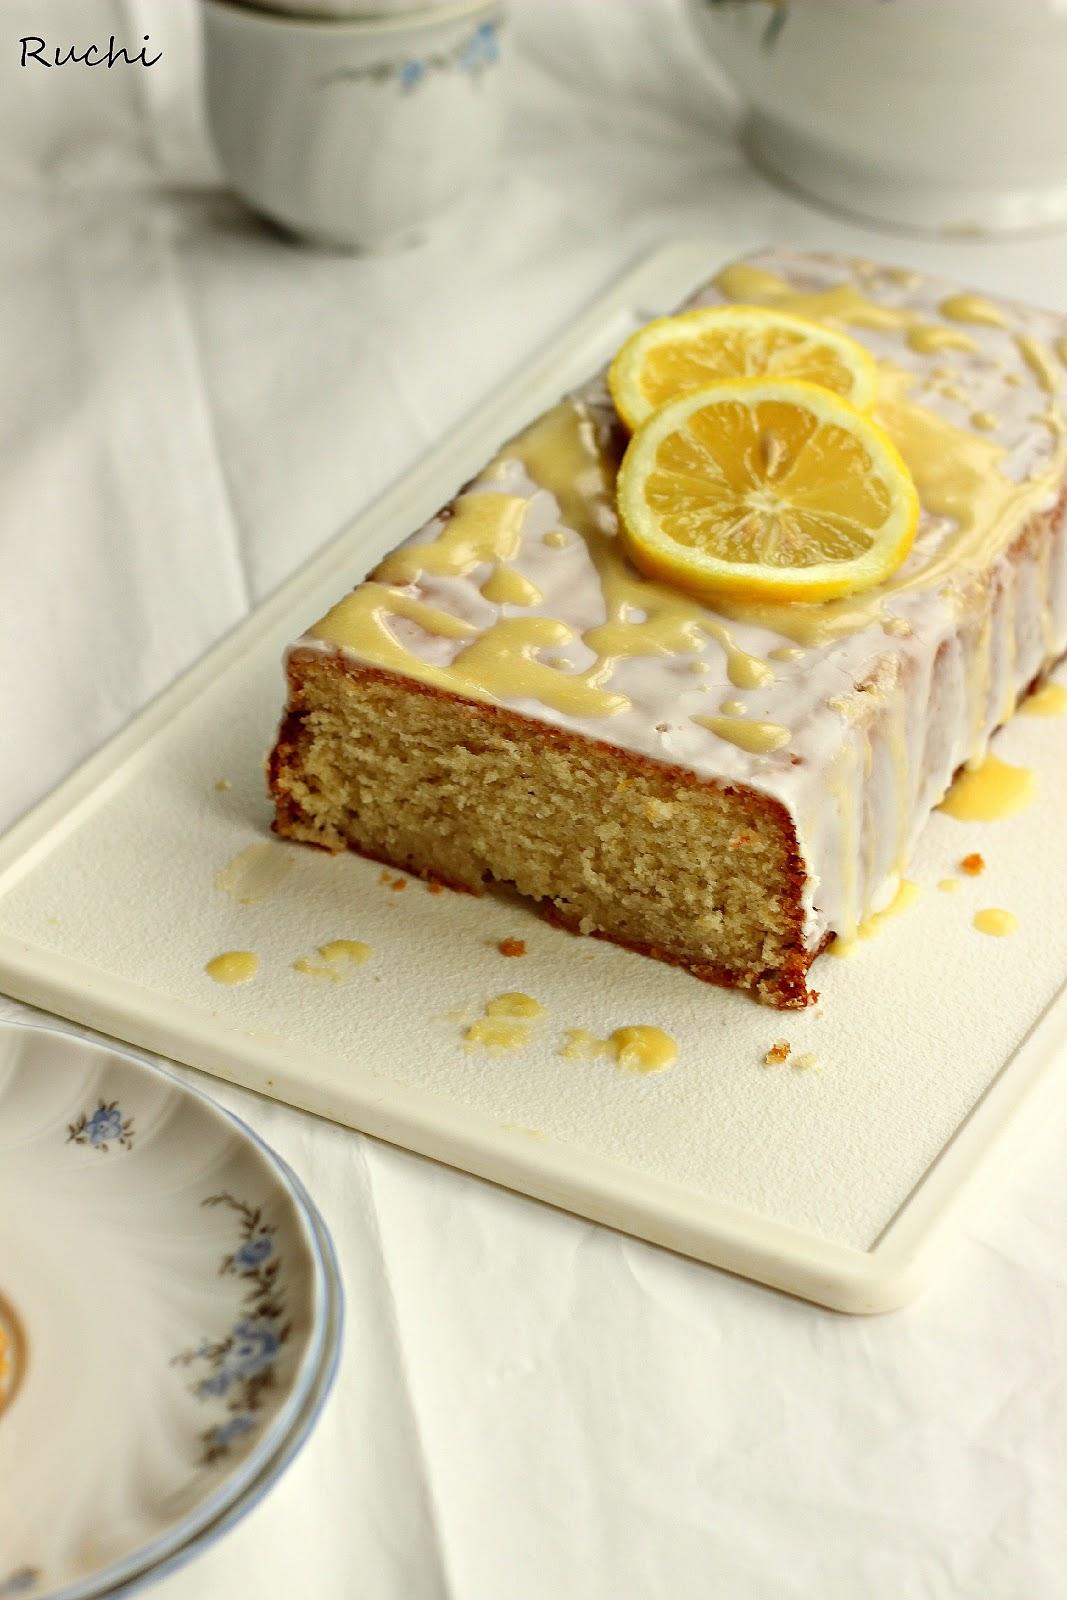 Cake Images Ruchi : RUCHI: Lemon Cake